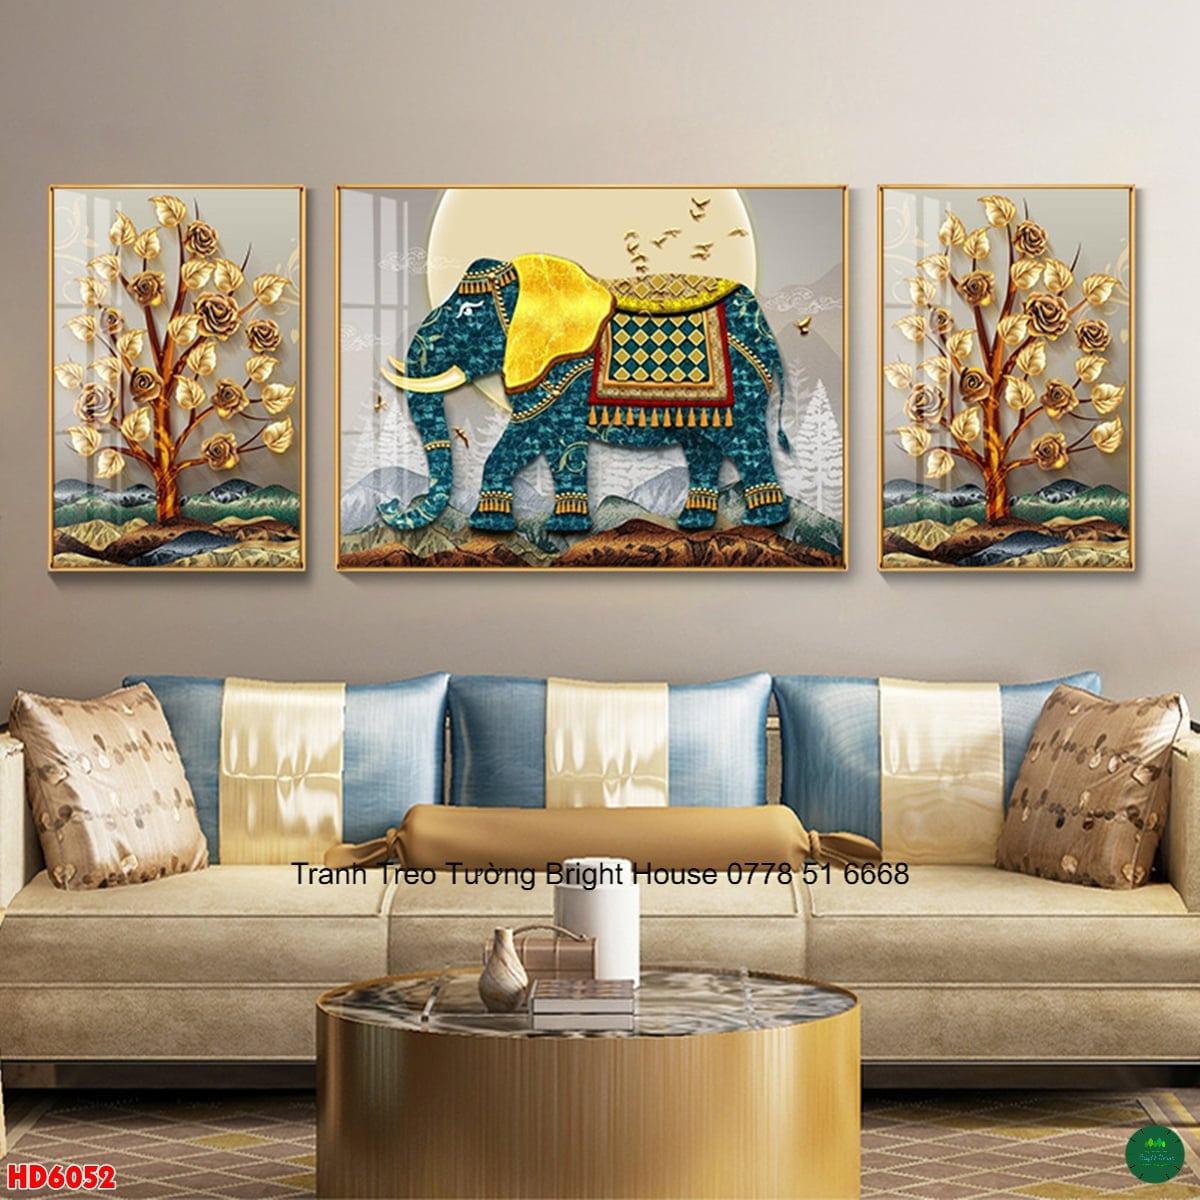 tranh treo tường đà nẵng